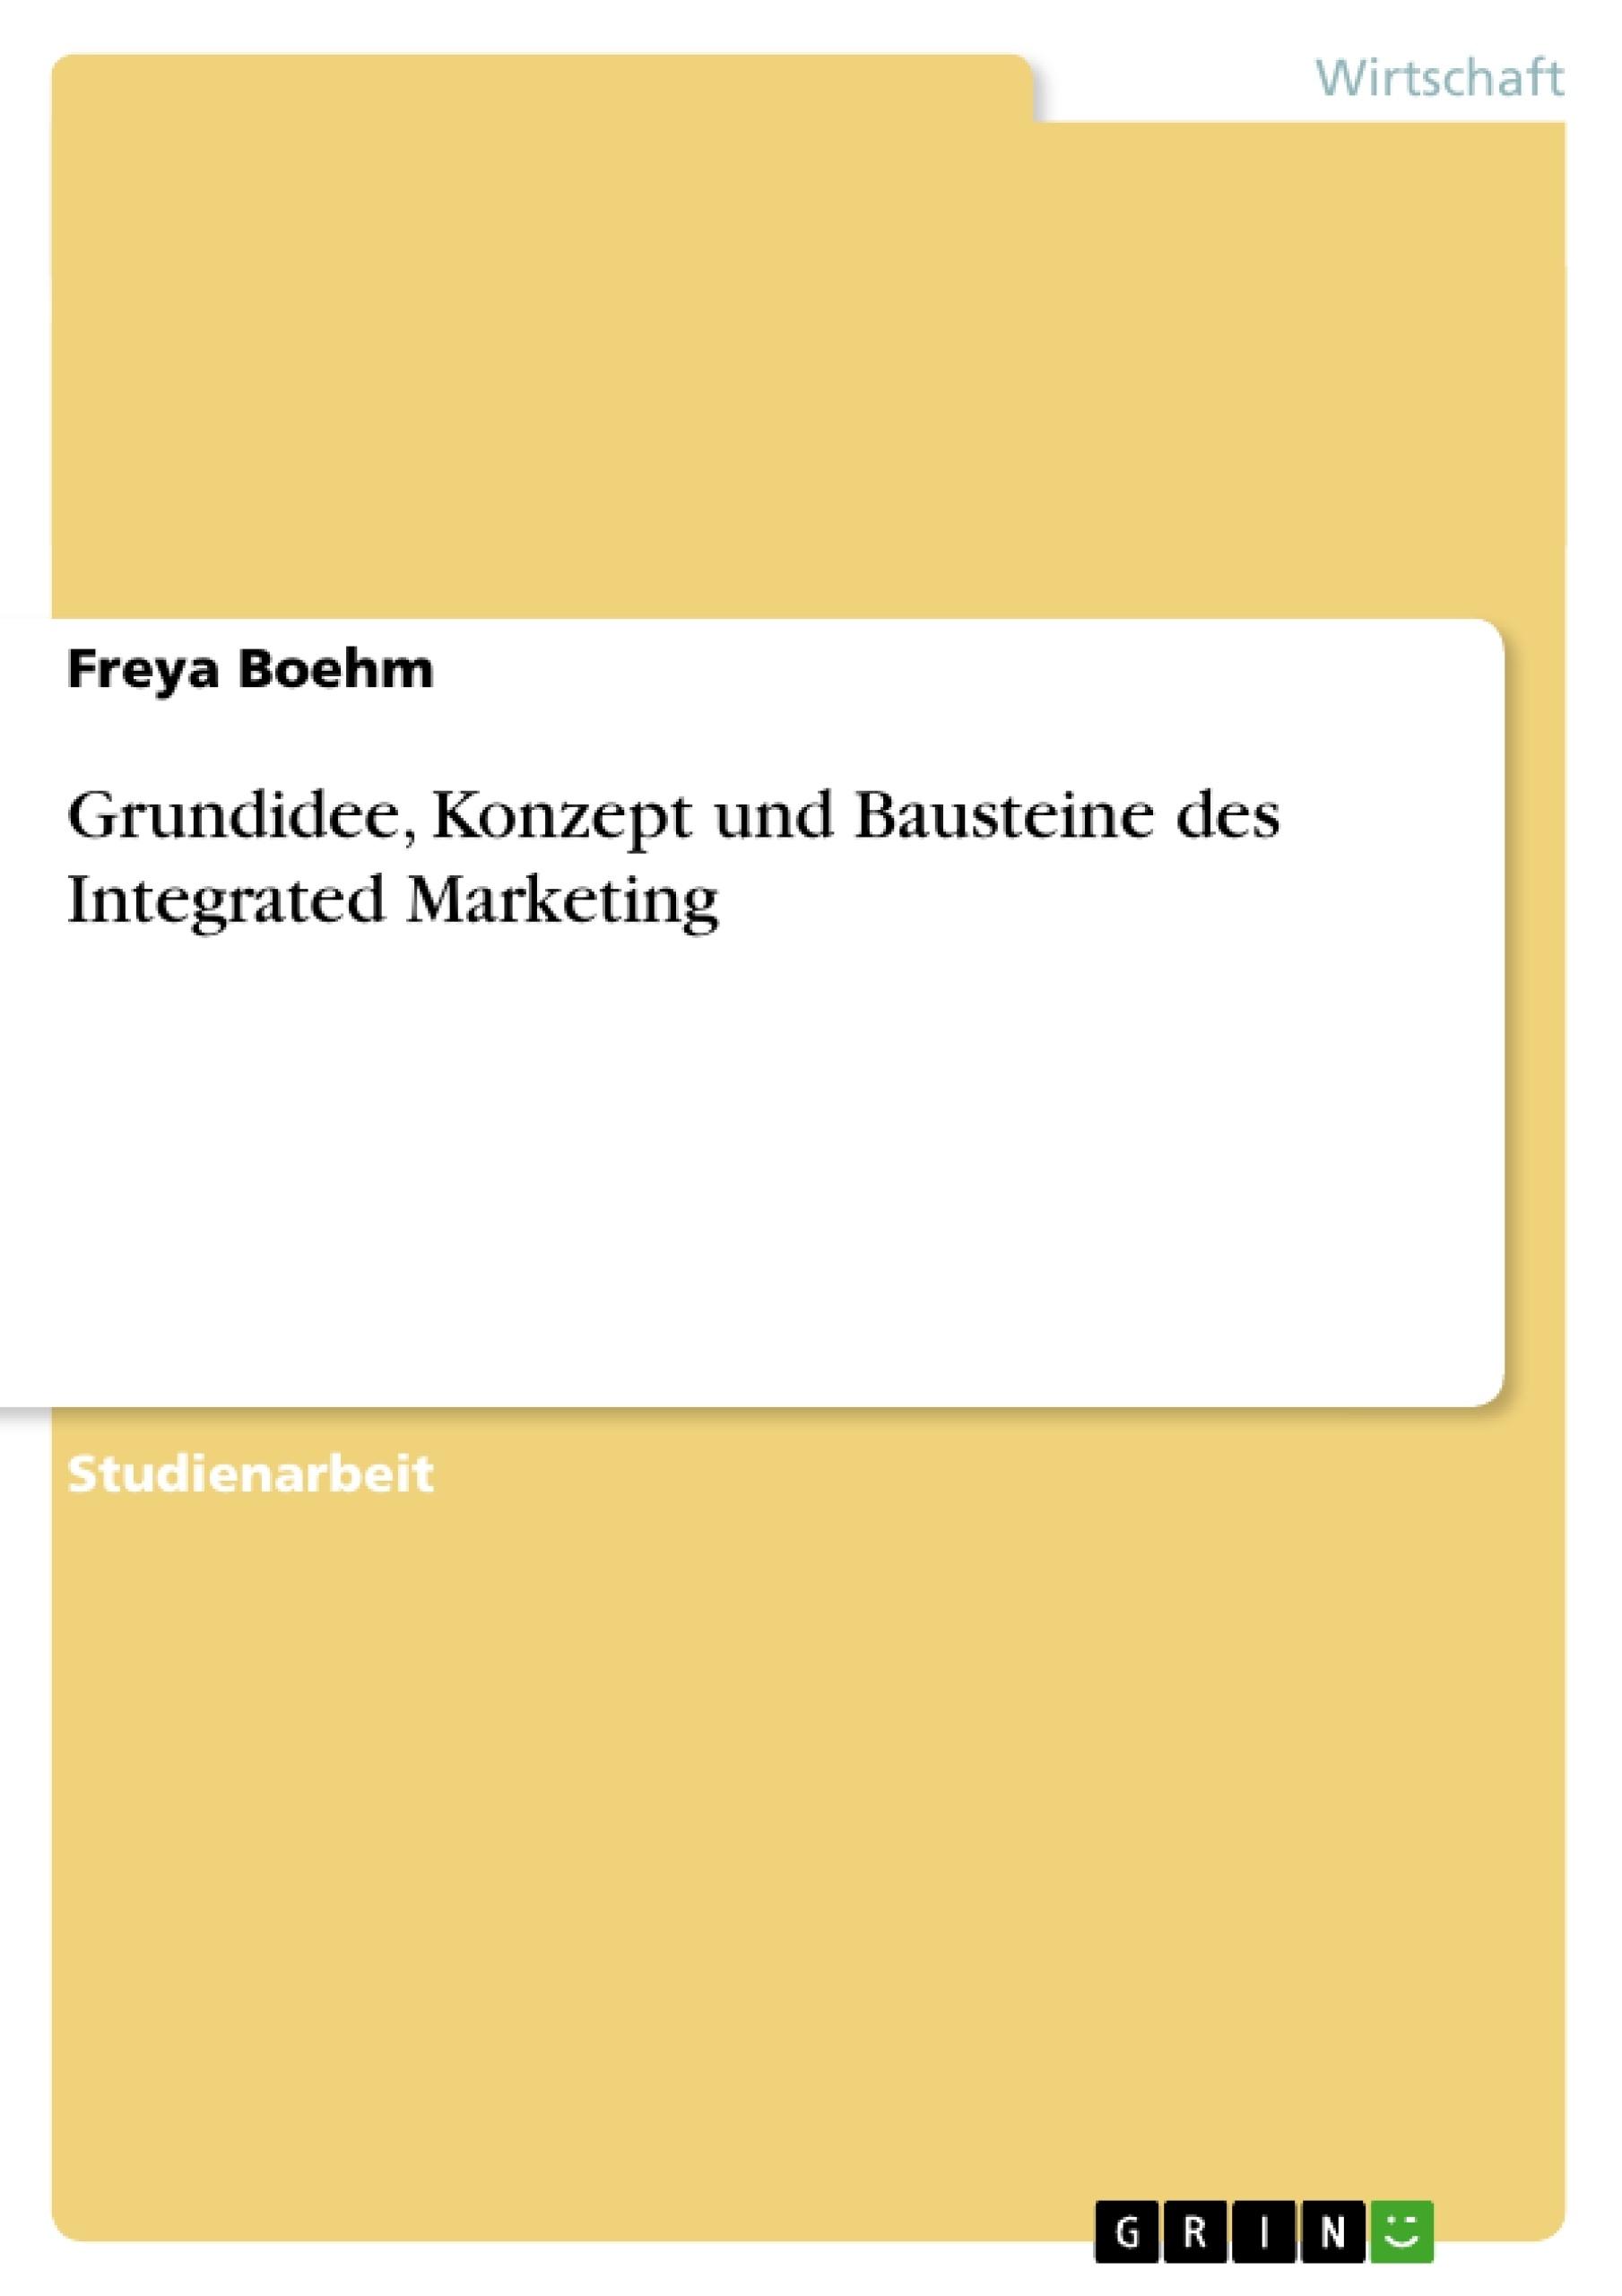 Titel: Grundidee, Konzept und Bausteine des Integrated Marketing